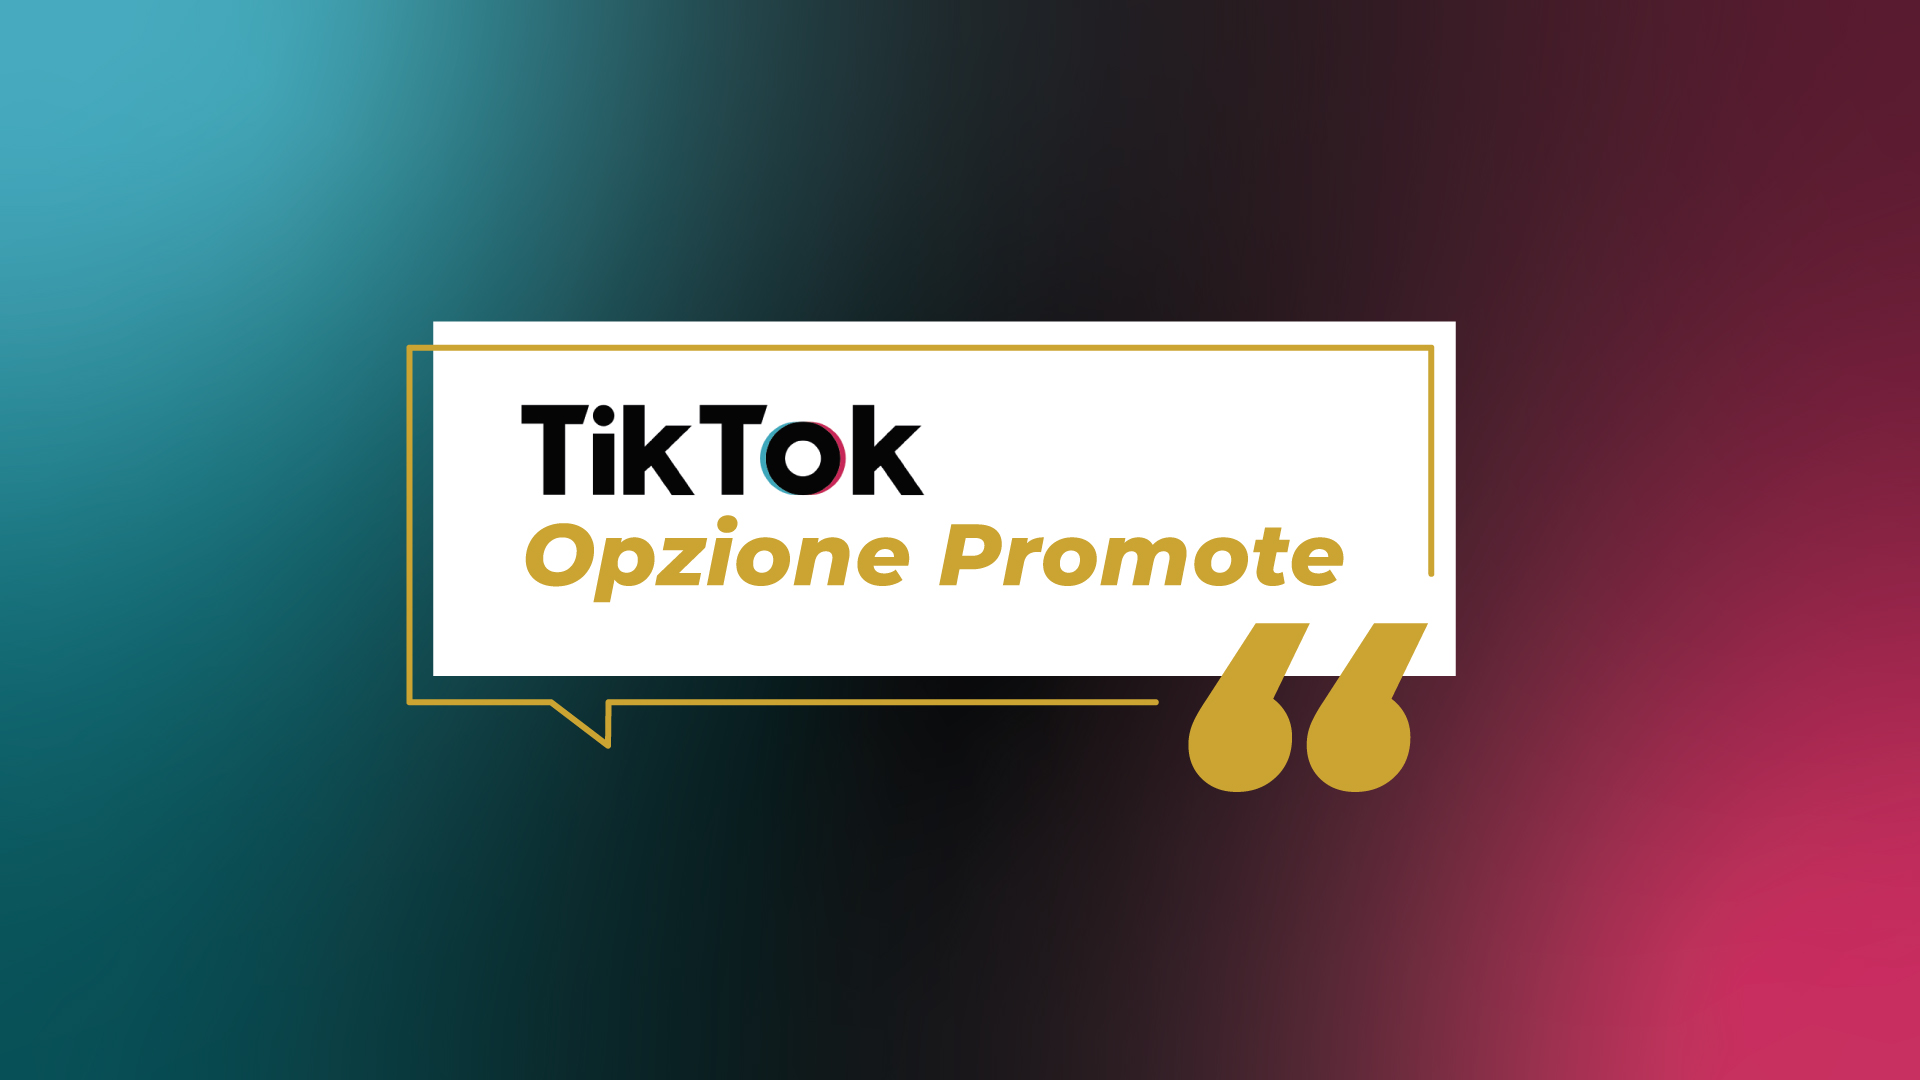 TikTok, l'opzione Promote disponibile per tutti gli account business: come funziona e come utilizzarla per la tua strategia